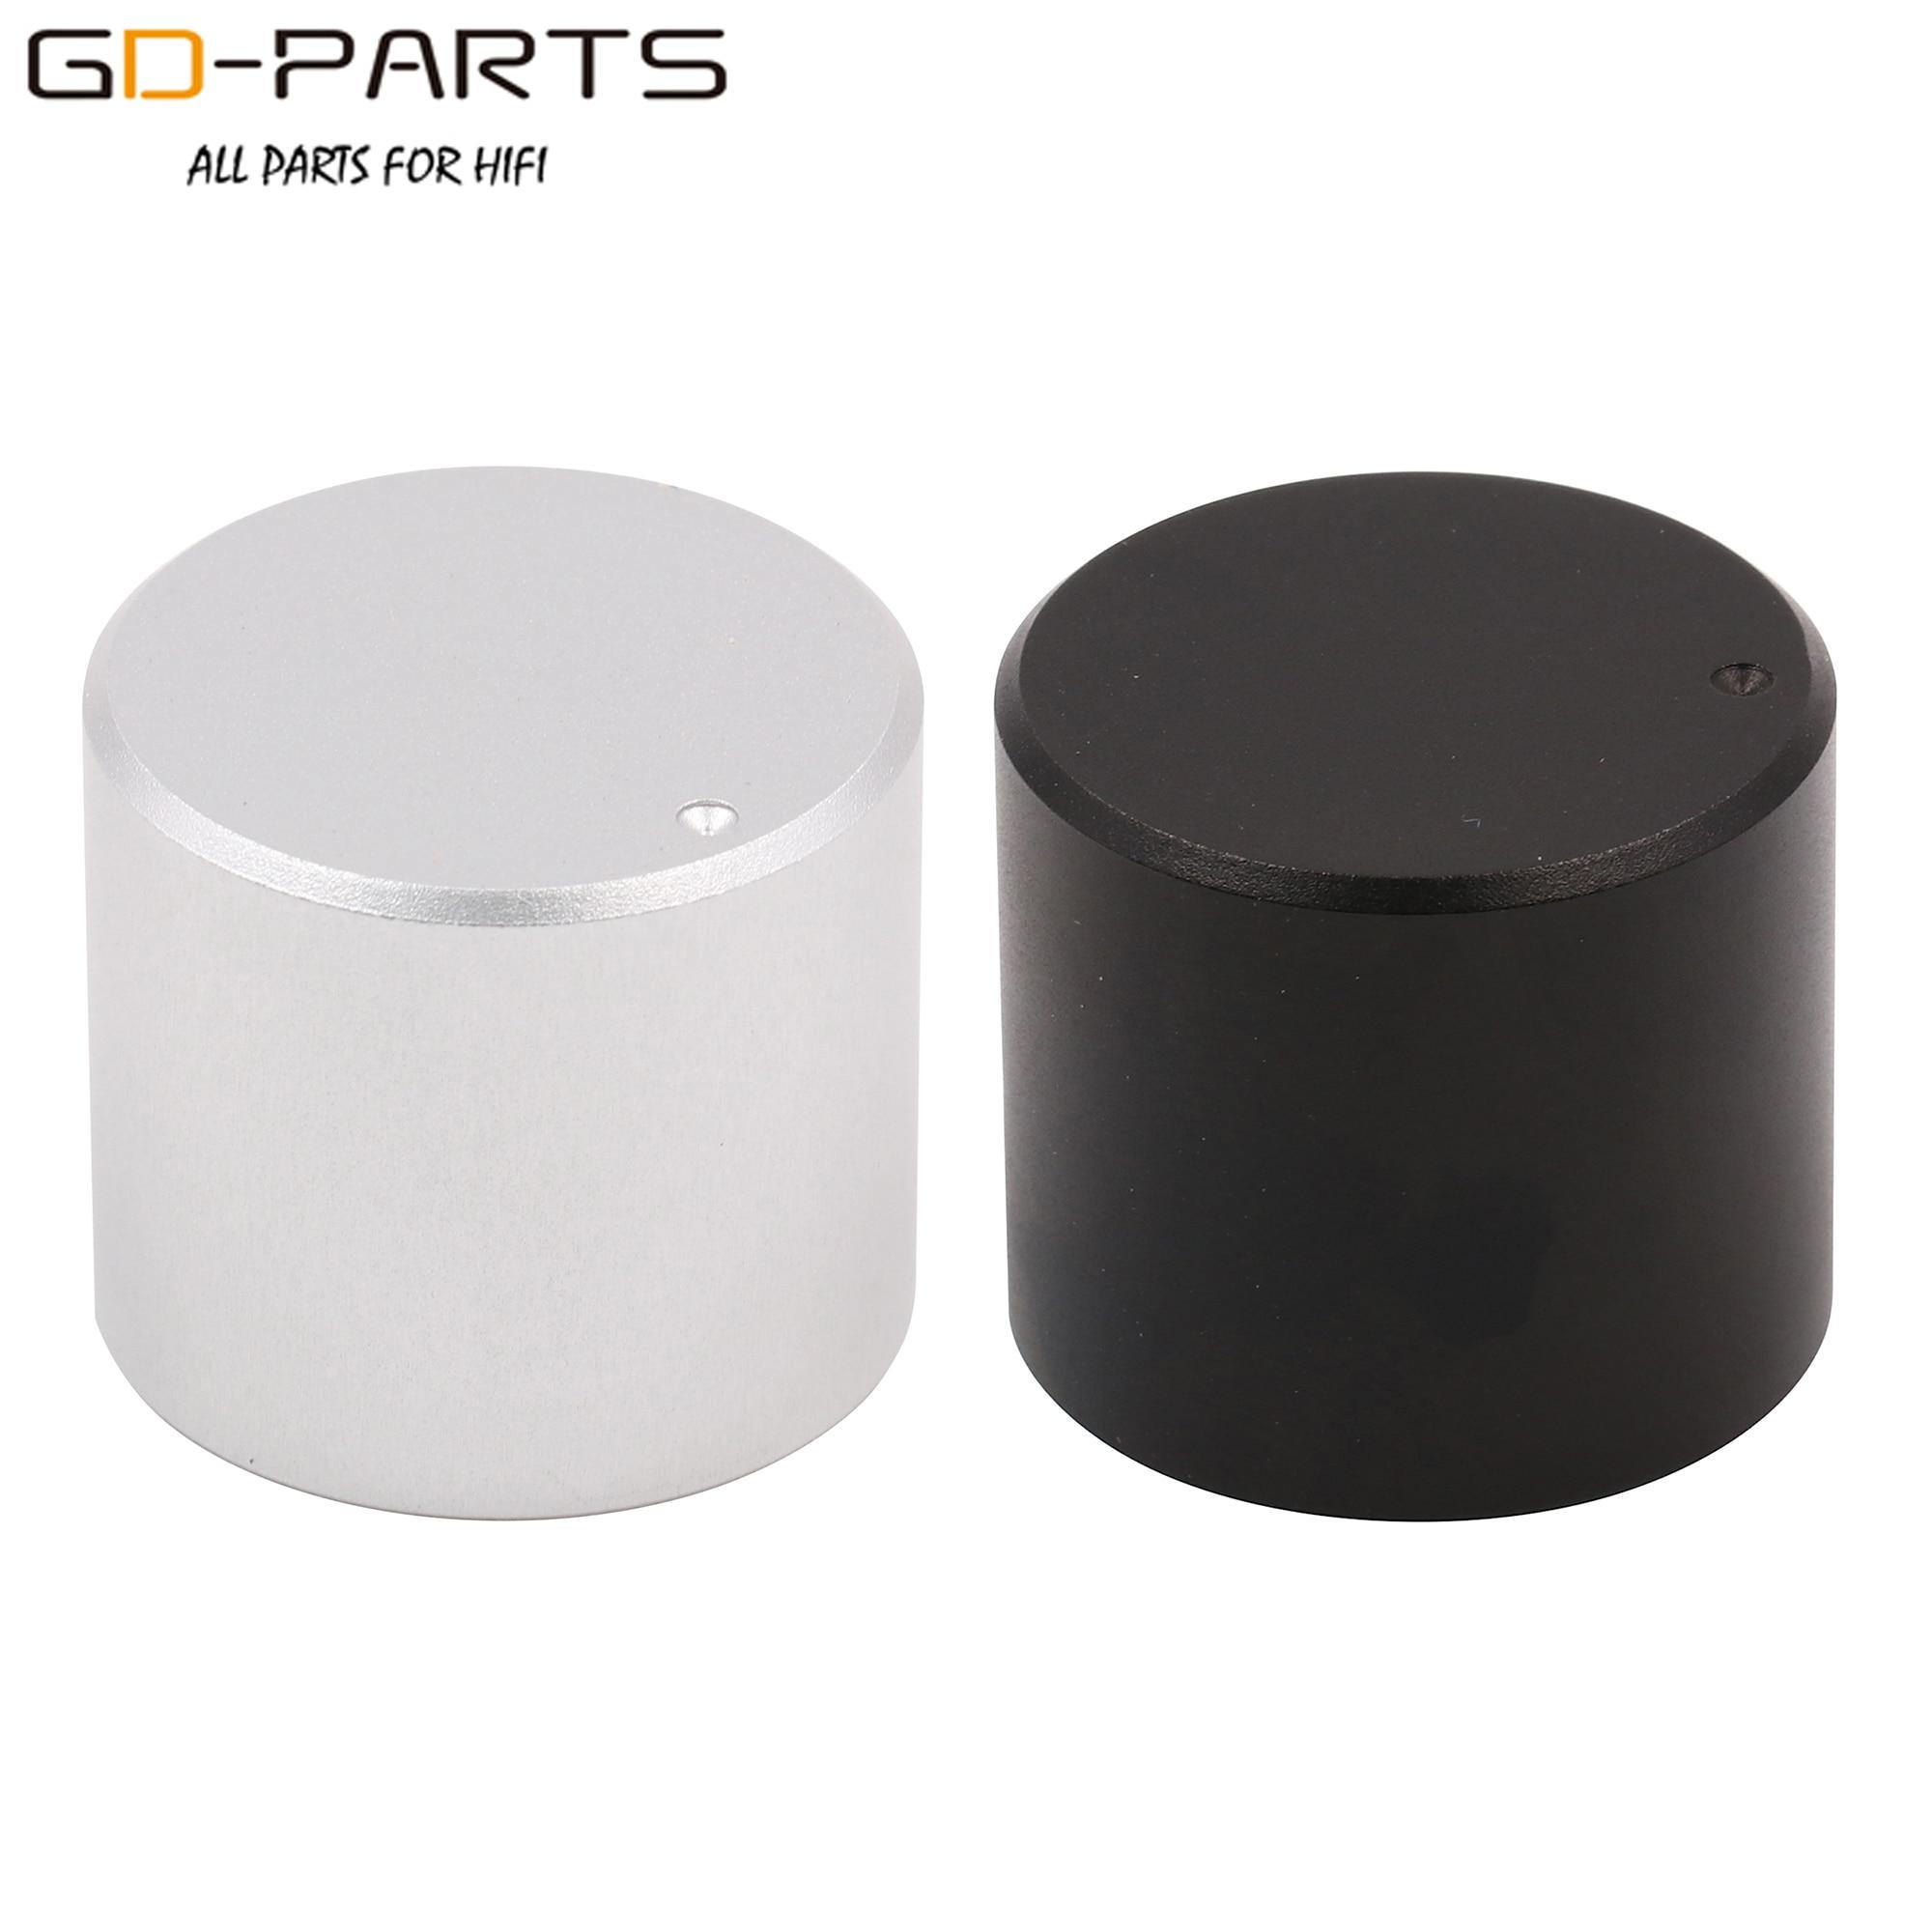 25*22mm Machined Solid Aluminum Volume Potentiometer Knob HIFI Car Audio Tube Headphone AMP Sound Control Cap Button